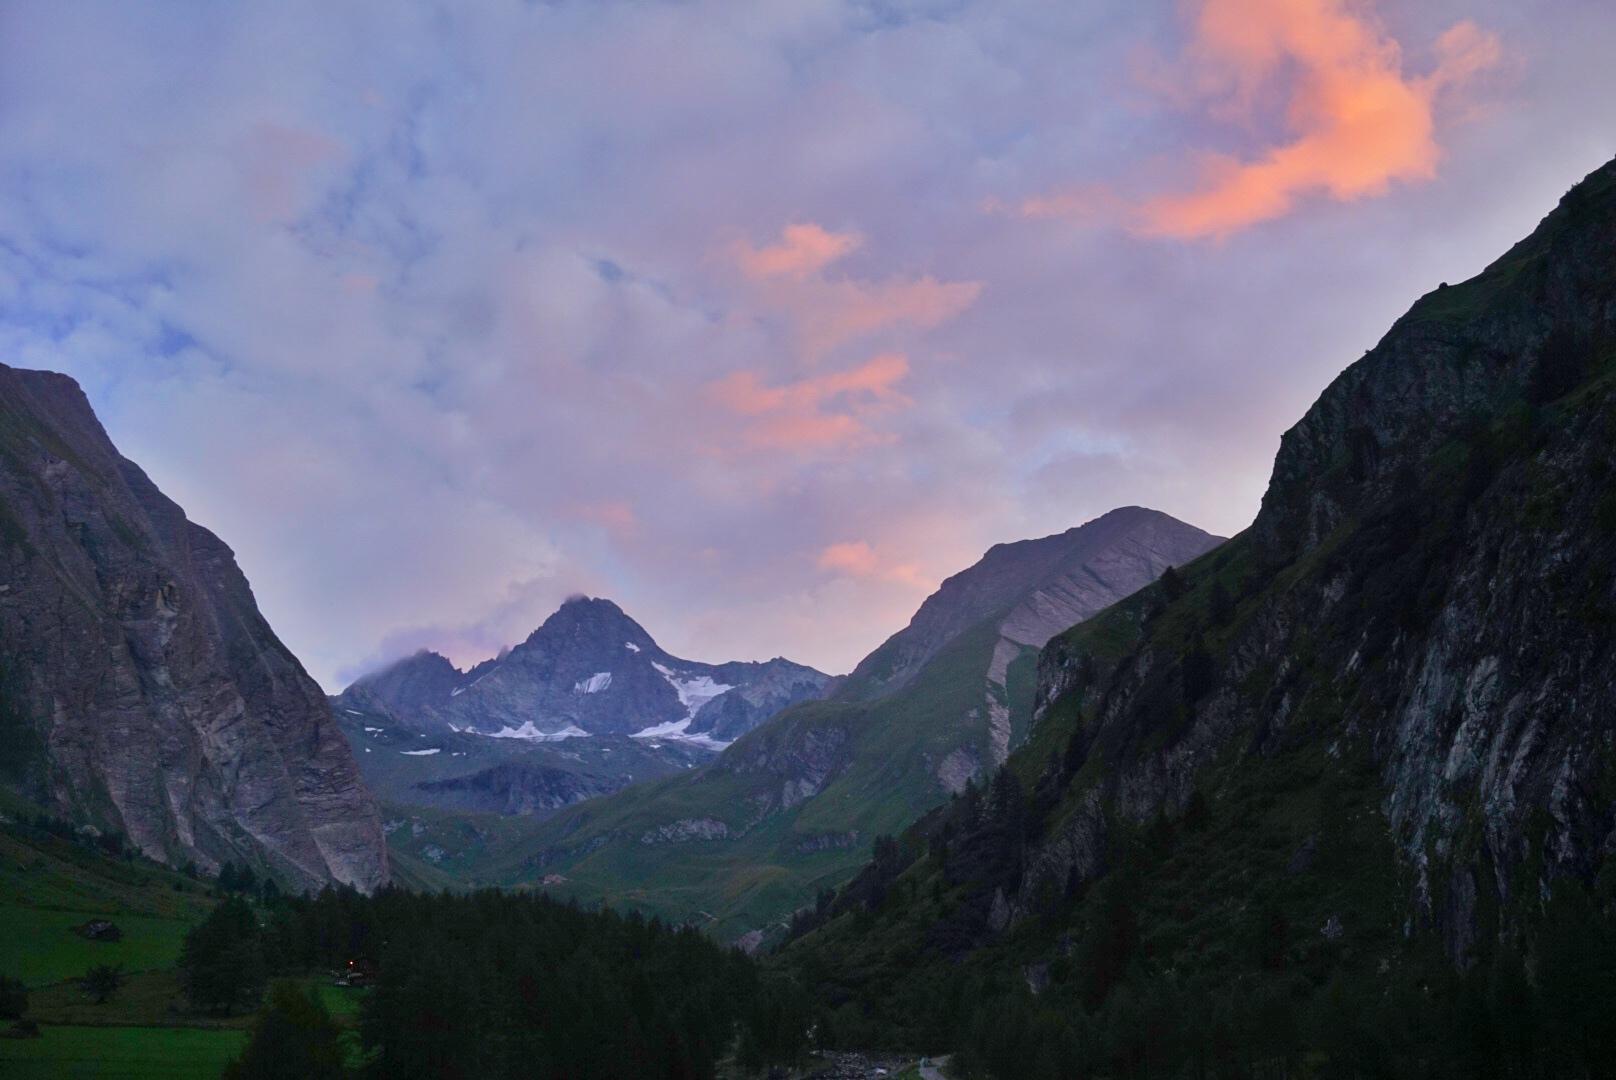 Zonsopgang of zonsondergang tijdens het hiken in Oostenrijk - duurzaam reizen